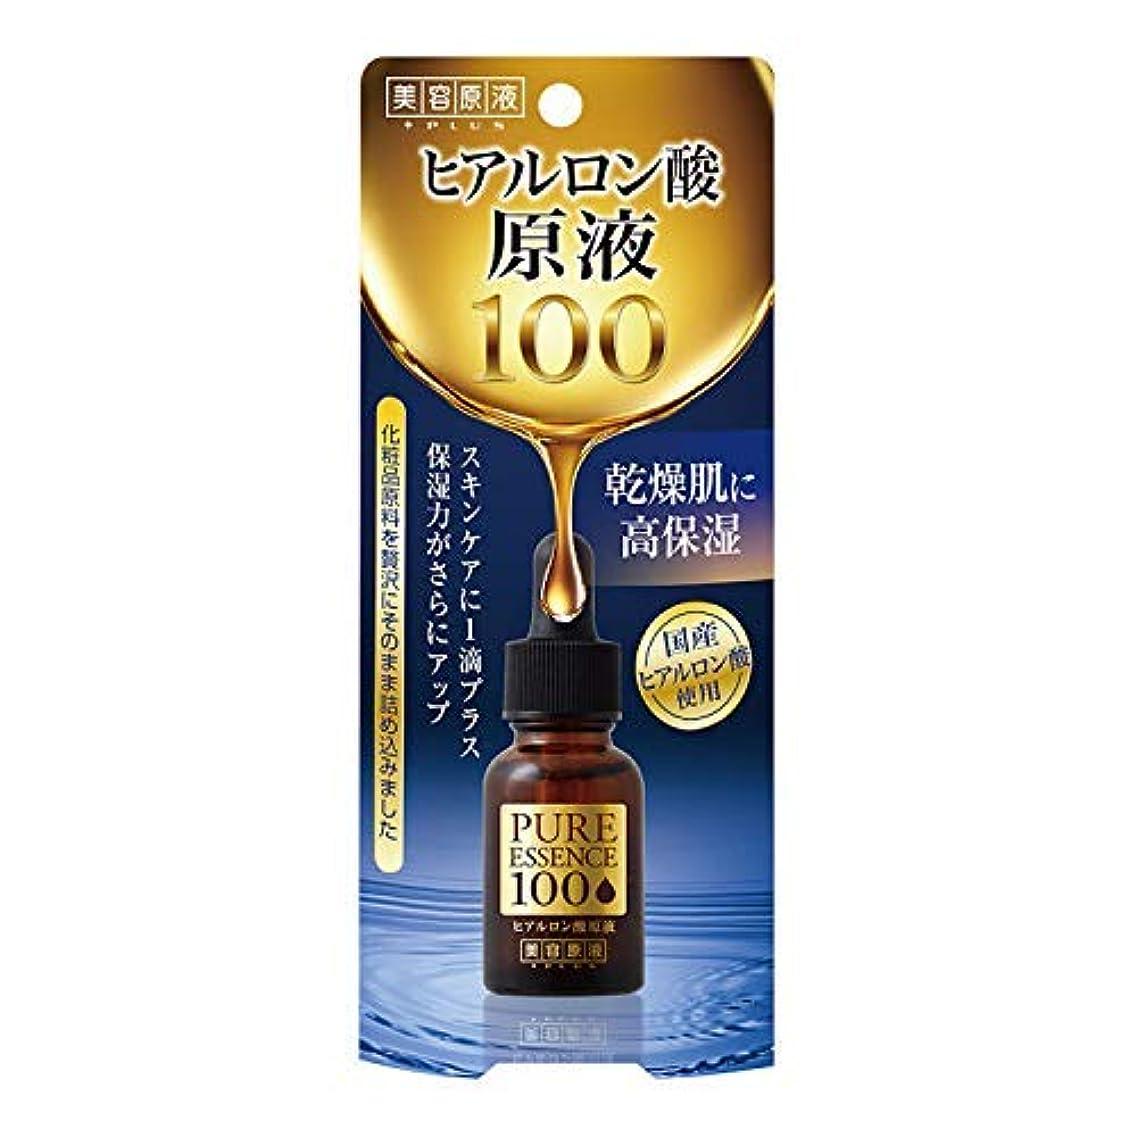 納税者ヘルパージョットディボンドン美容原液 ヒアルロン酸原液100N × 4個セット